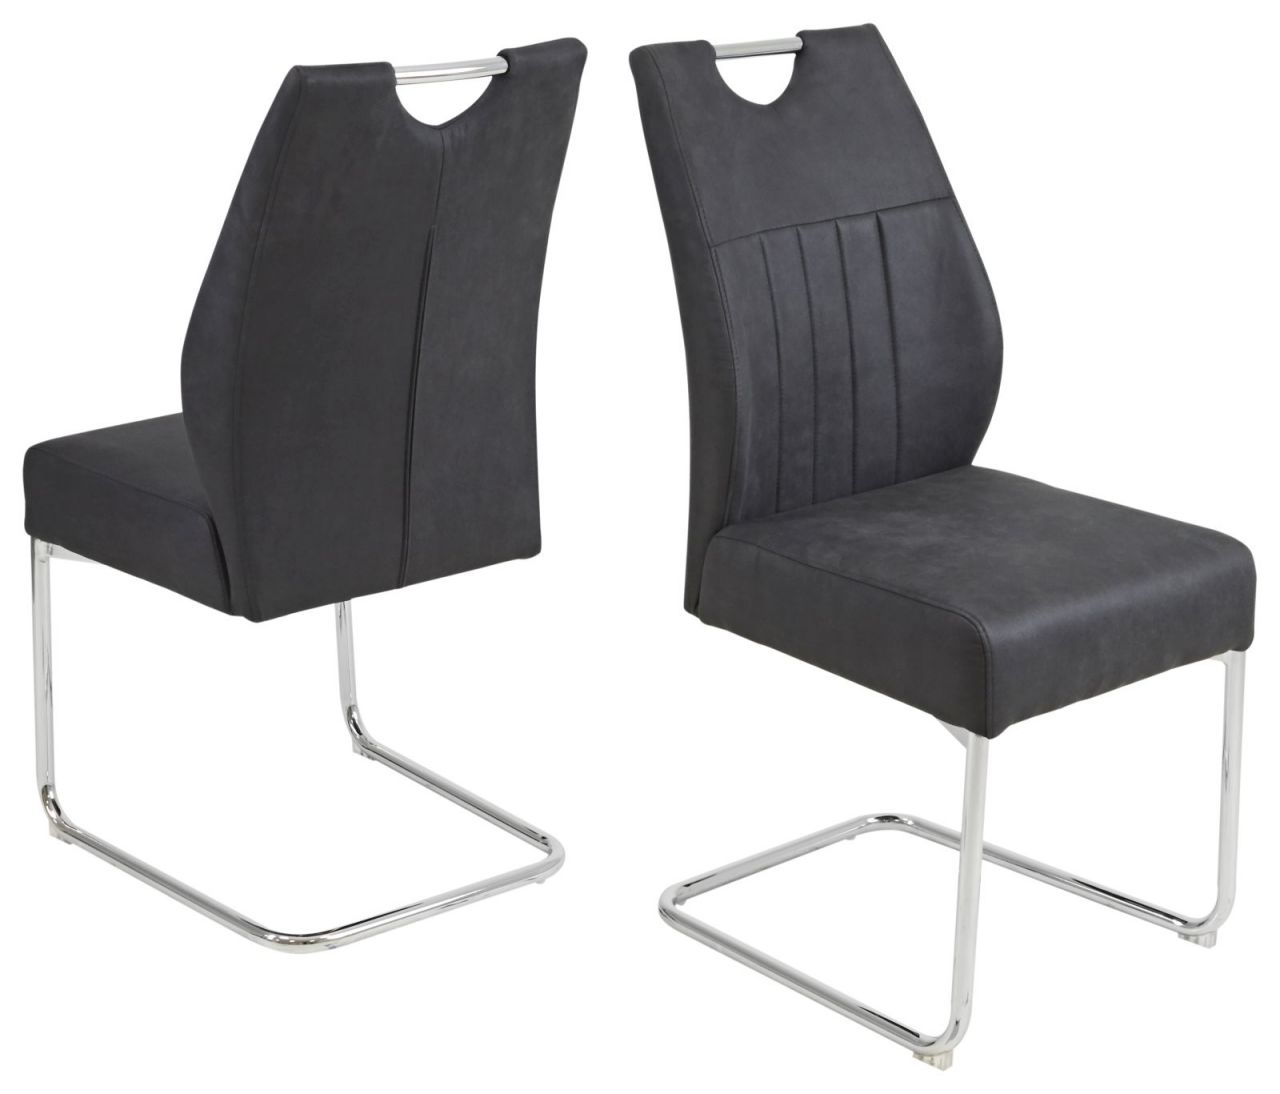 4er Set Freischwinger Stuhl Federkern Polsterung Vintage Farben Beige Anthrazit Verchromt R Mainau S Kaufen Bei Eh Mobel